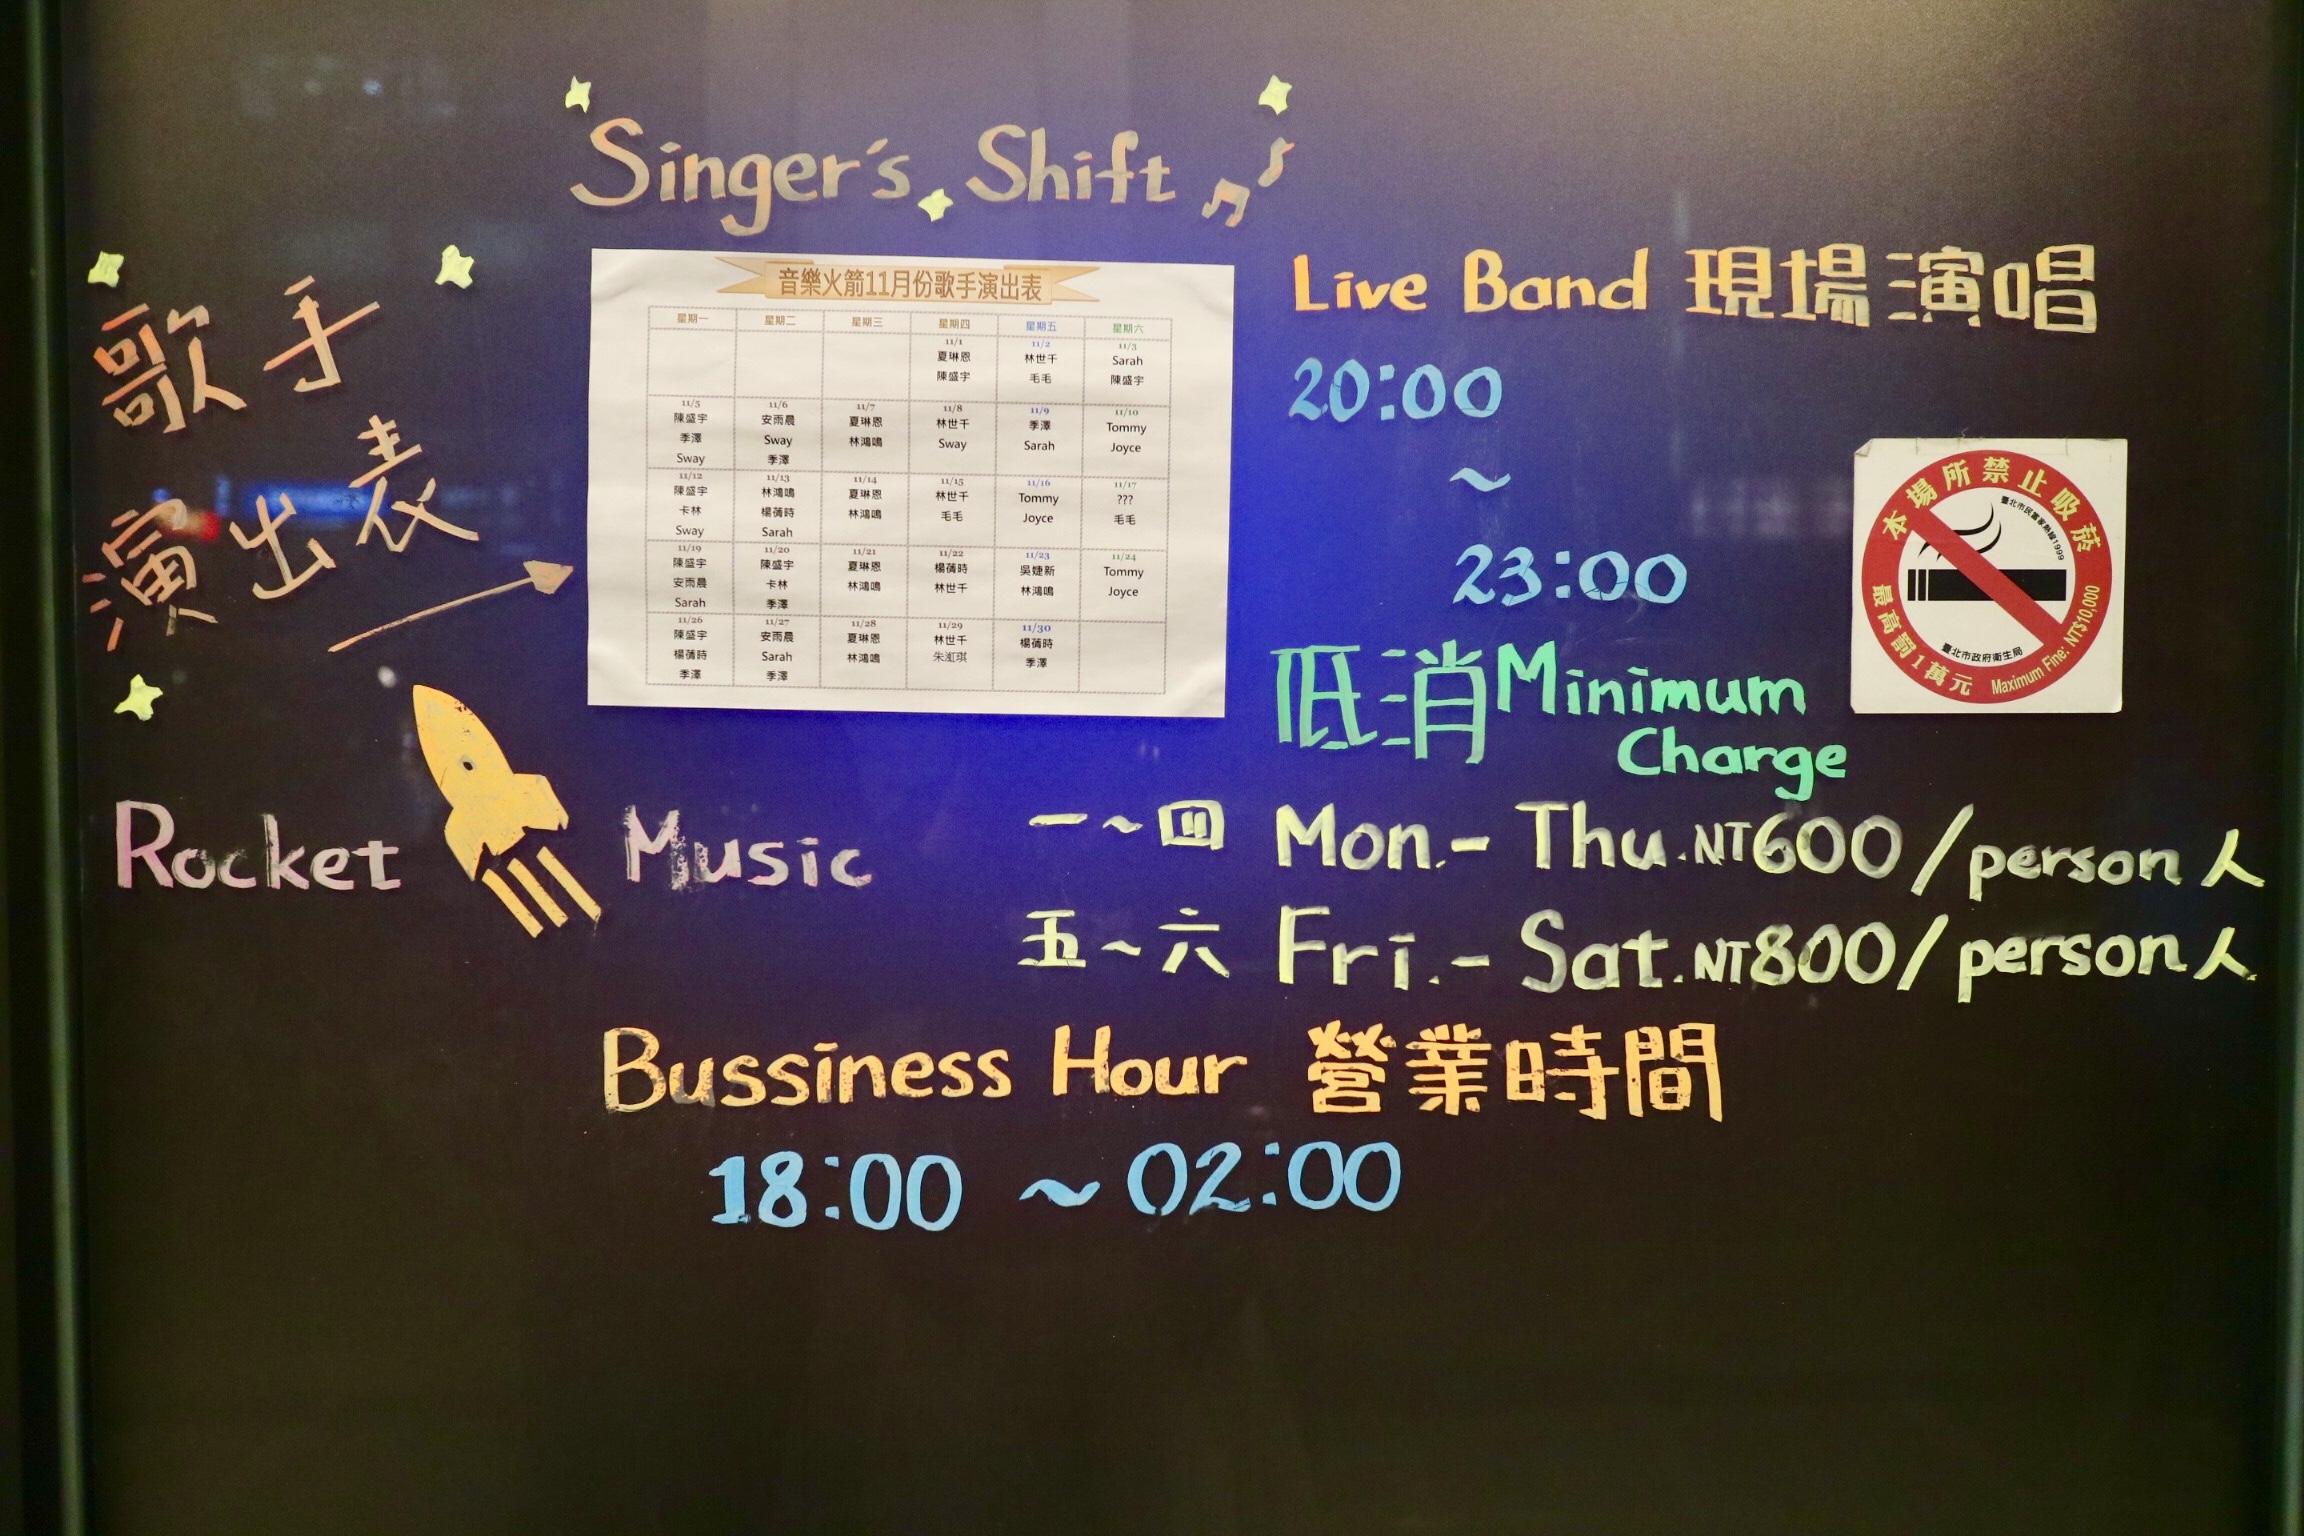 火箭音樂餐廳演出表